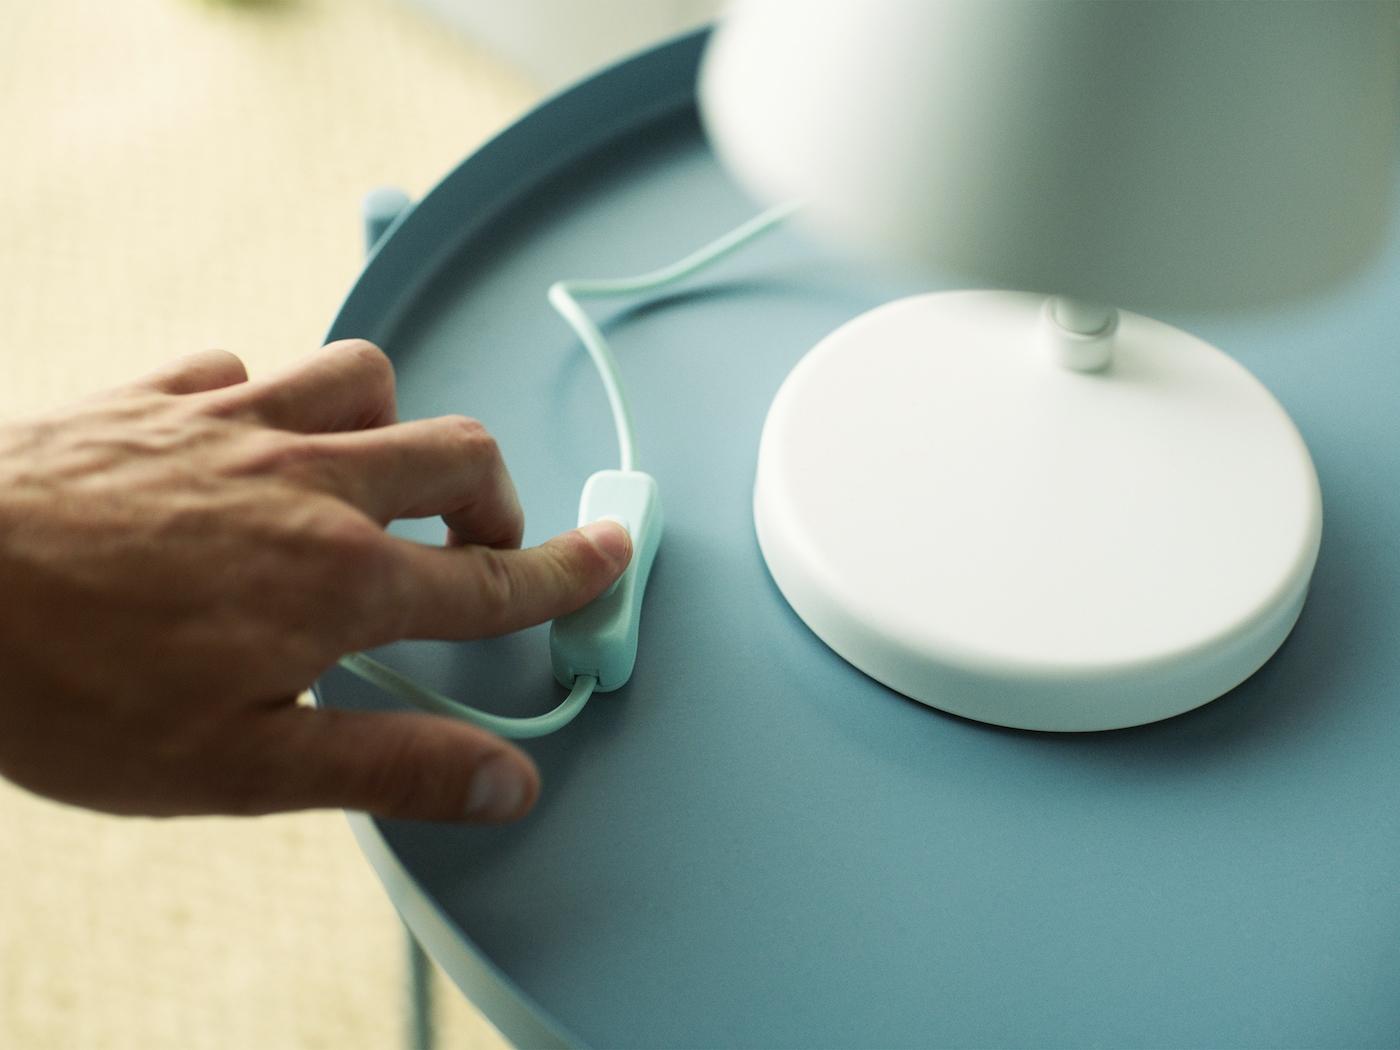 Käsi painaa vaaleansinisellä pöydällä seisovan valkoisen pöytävalaisimen katkaisinta.